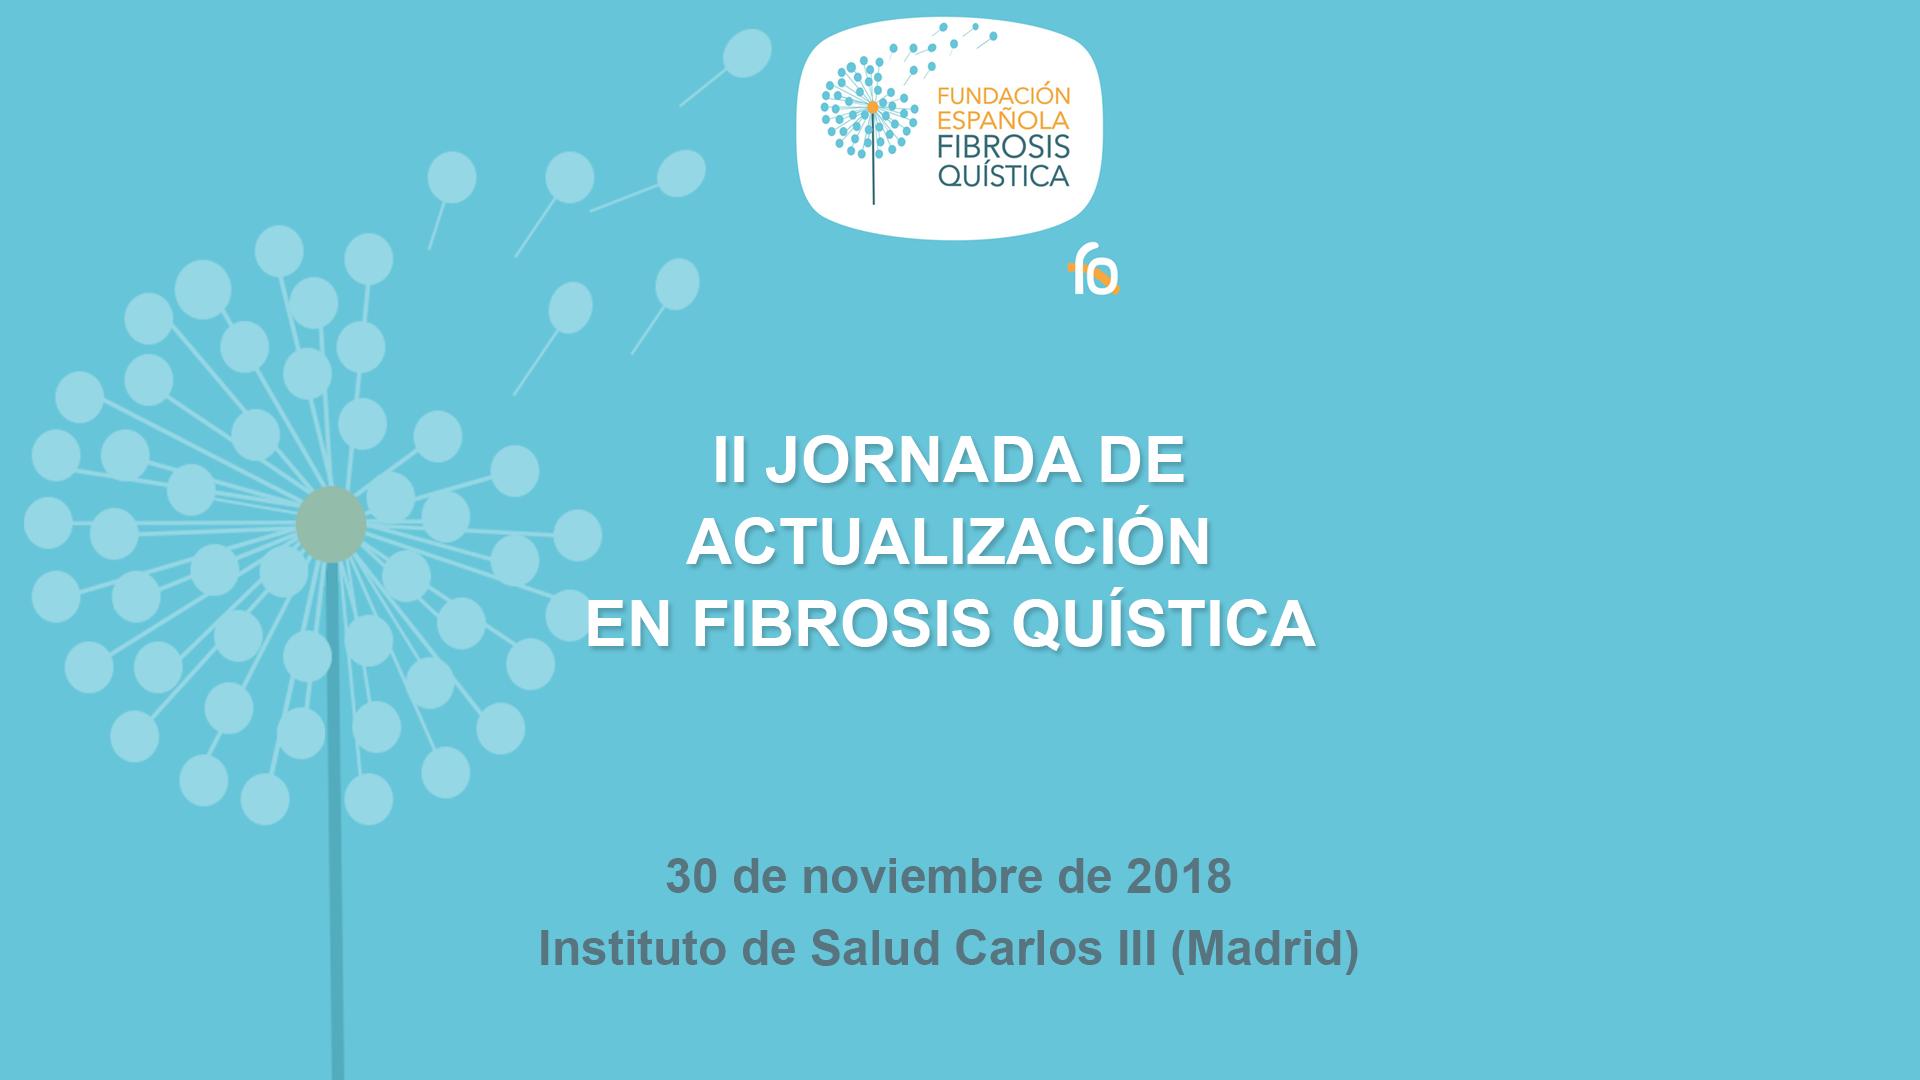 II Jornada de actualización en Fibrosis Quística